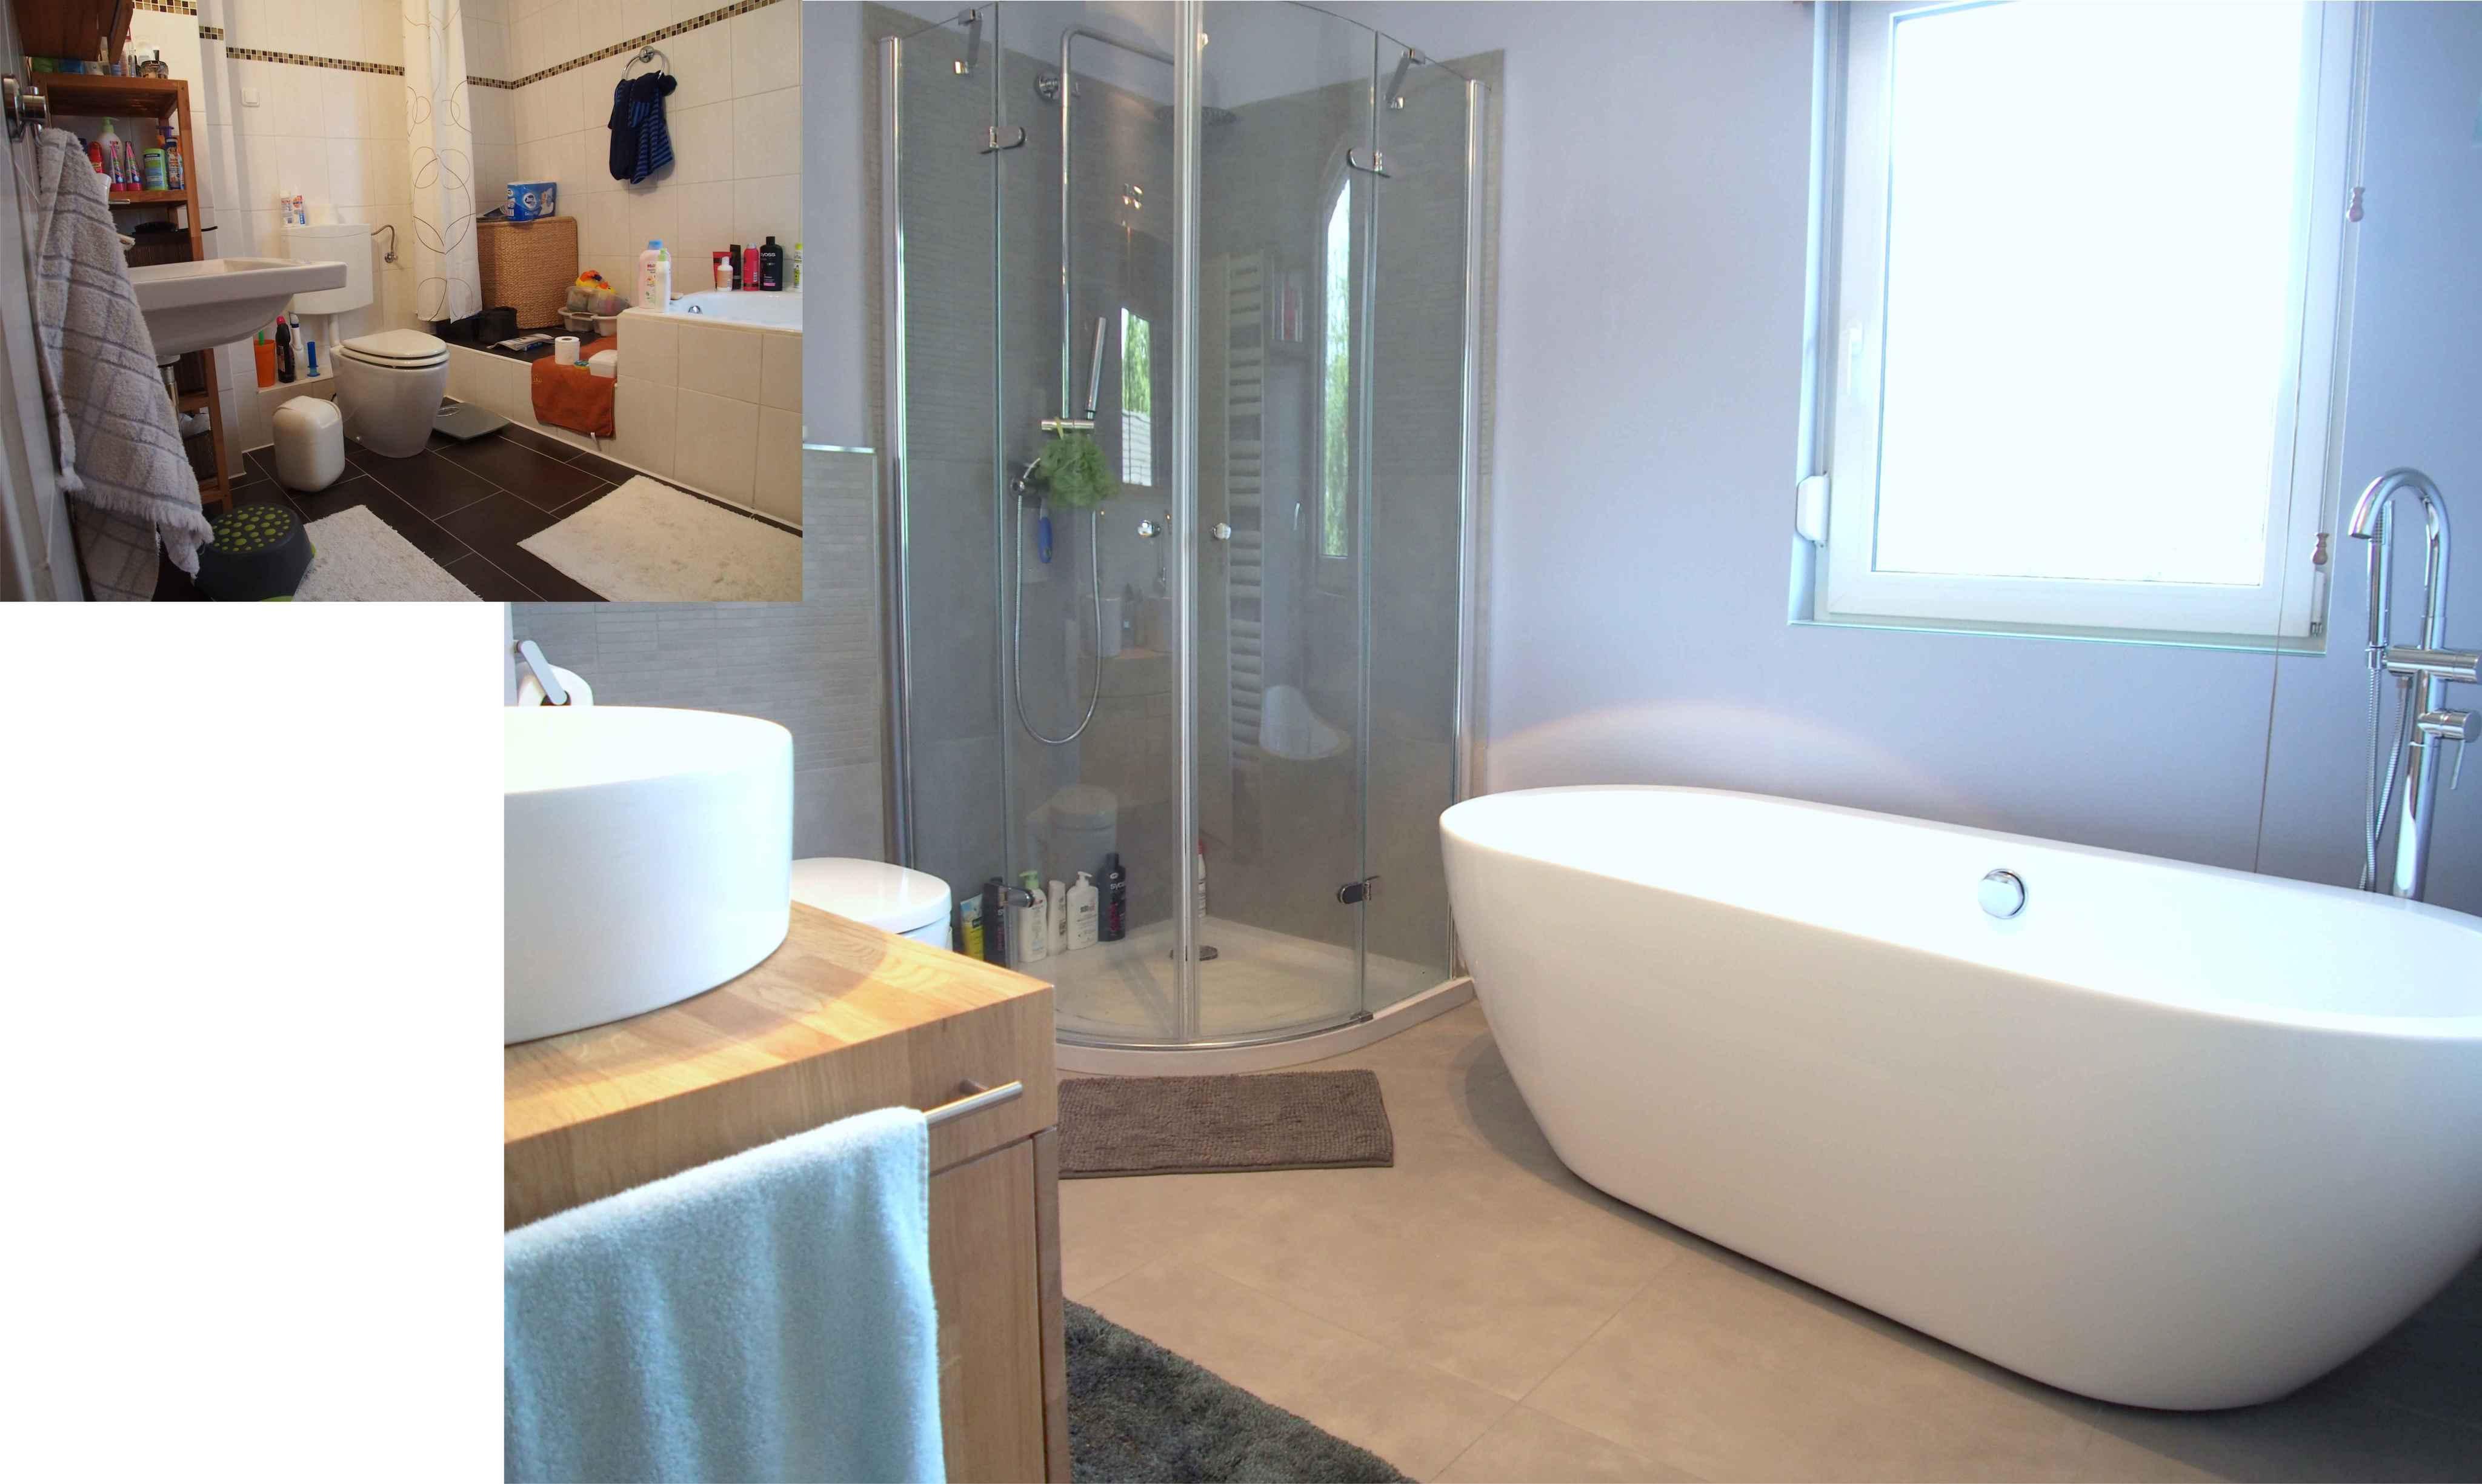 Umbau Wohnhaus Aus Den 70er Jahren #badezimmer #dusche ©Yvette Sillo